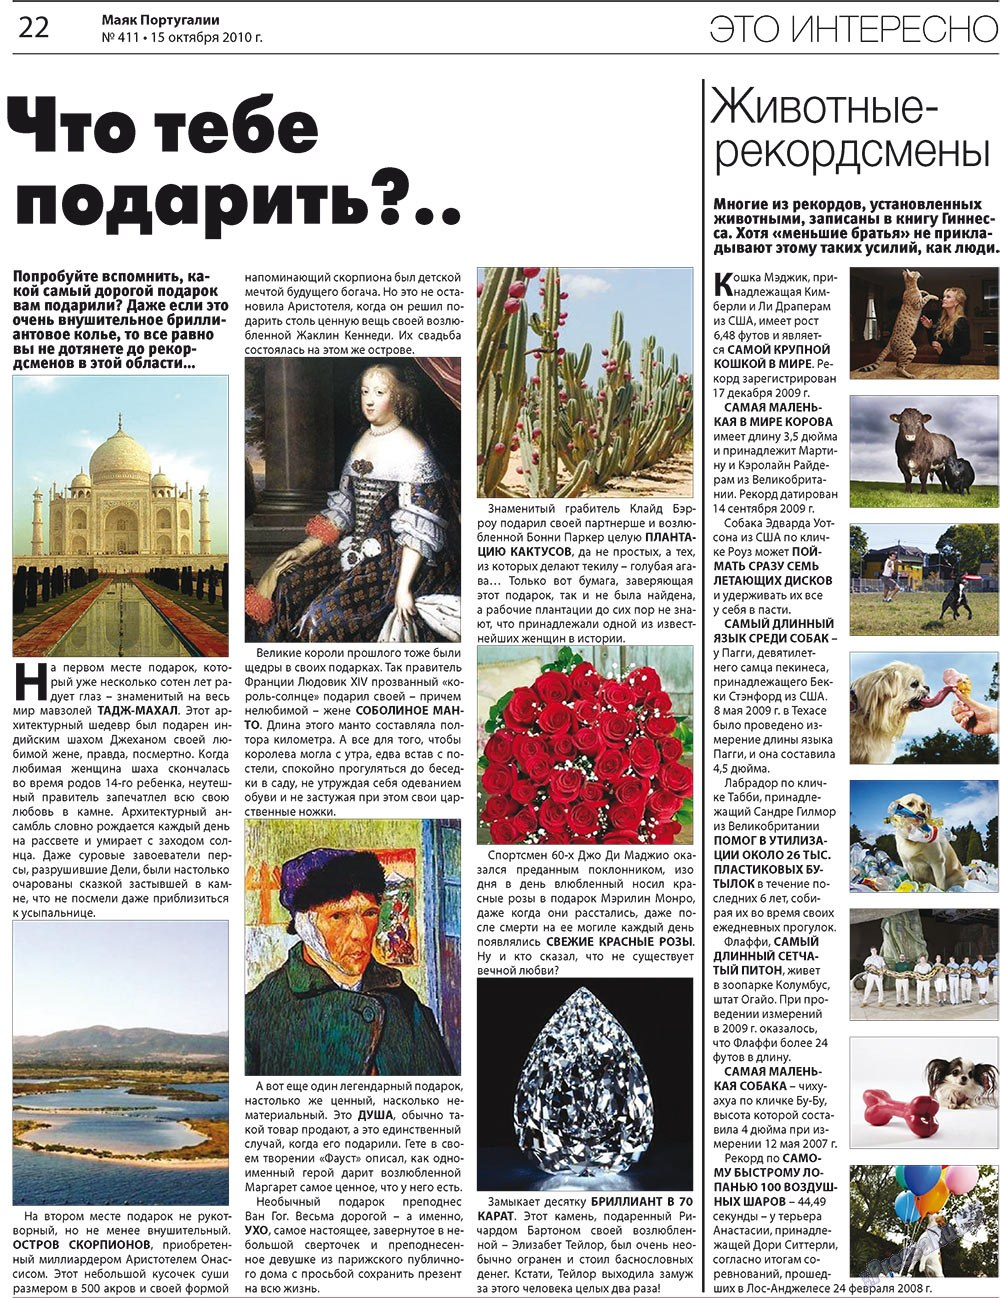 Маяк Португалии (газета). 2010 год, номер 411, стр. 22